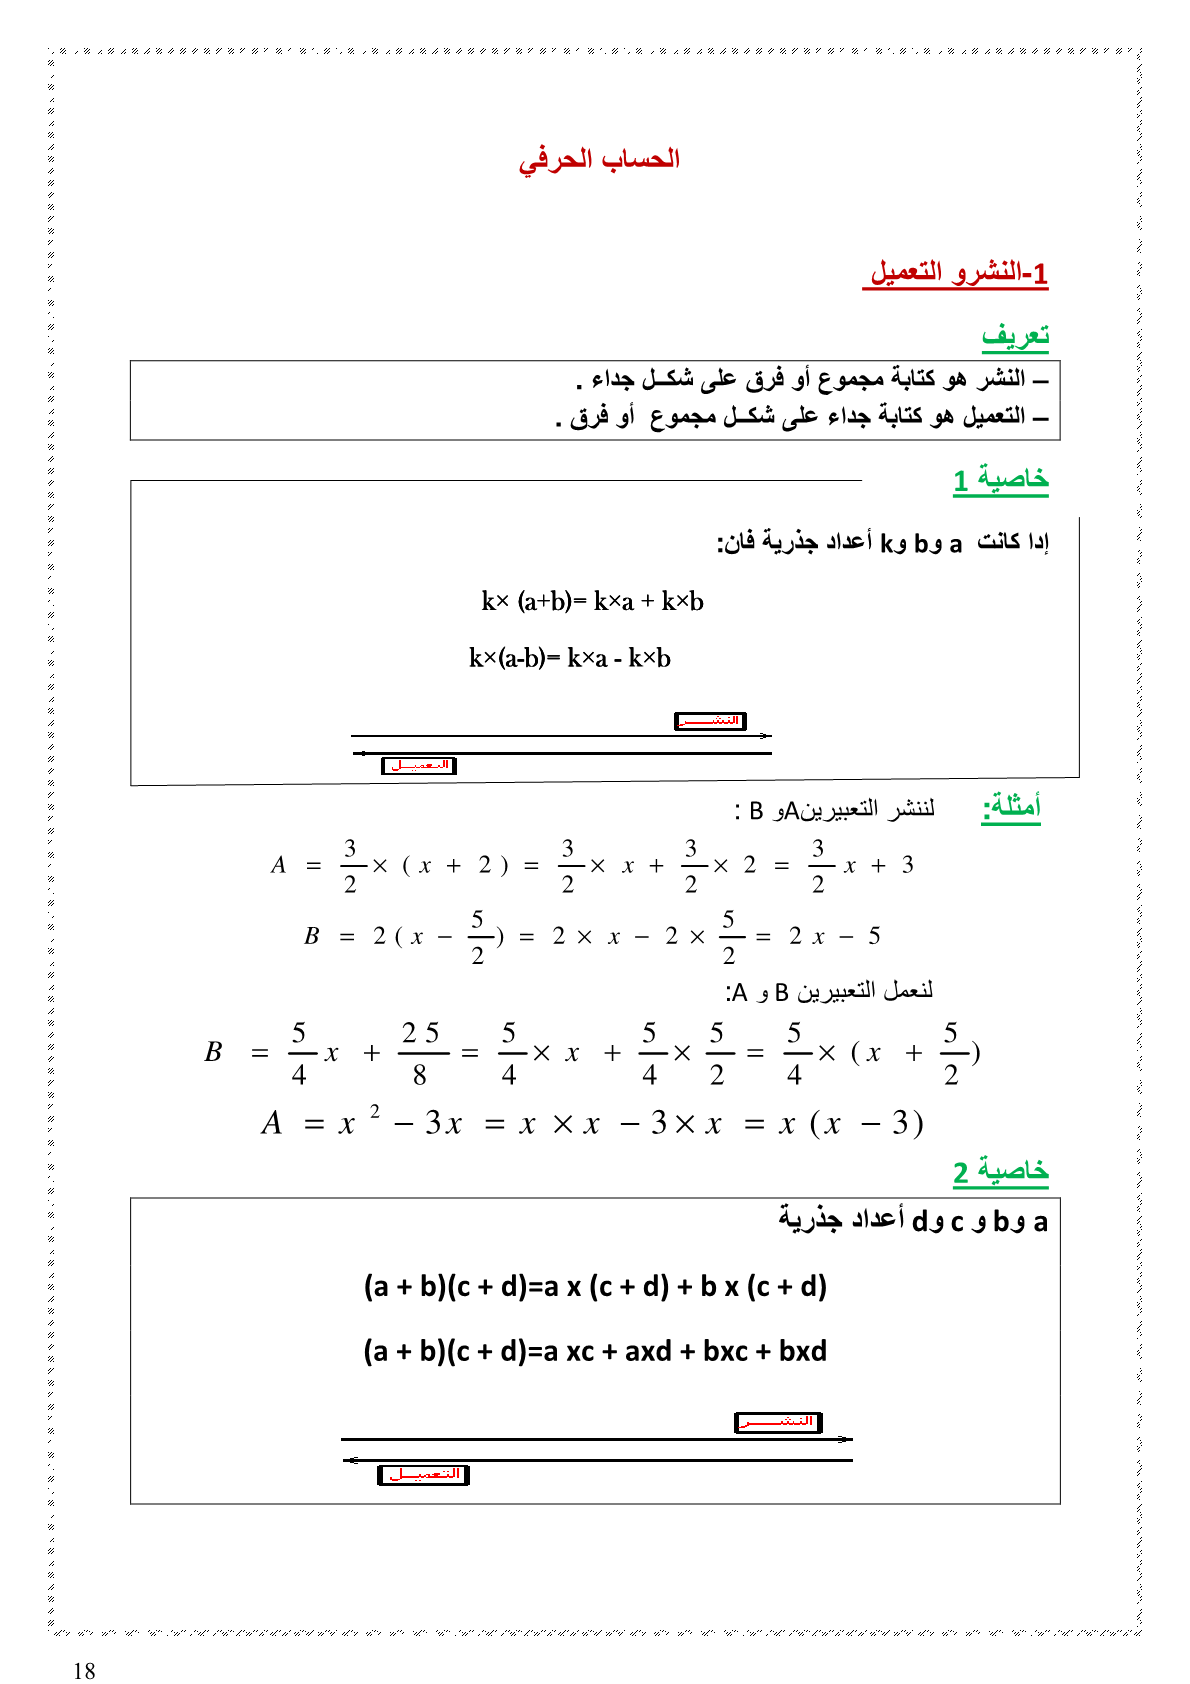 درس الحساب الحرفي للسنة الثانية اعدادي مادة الرياضيات